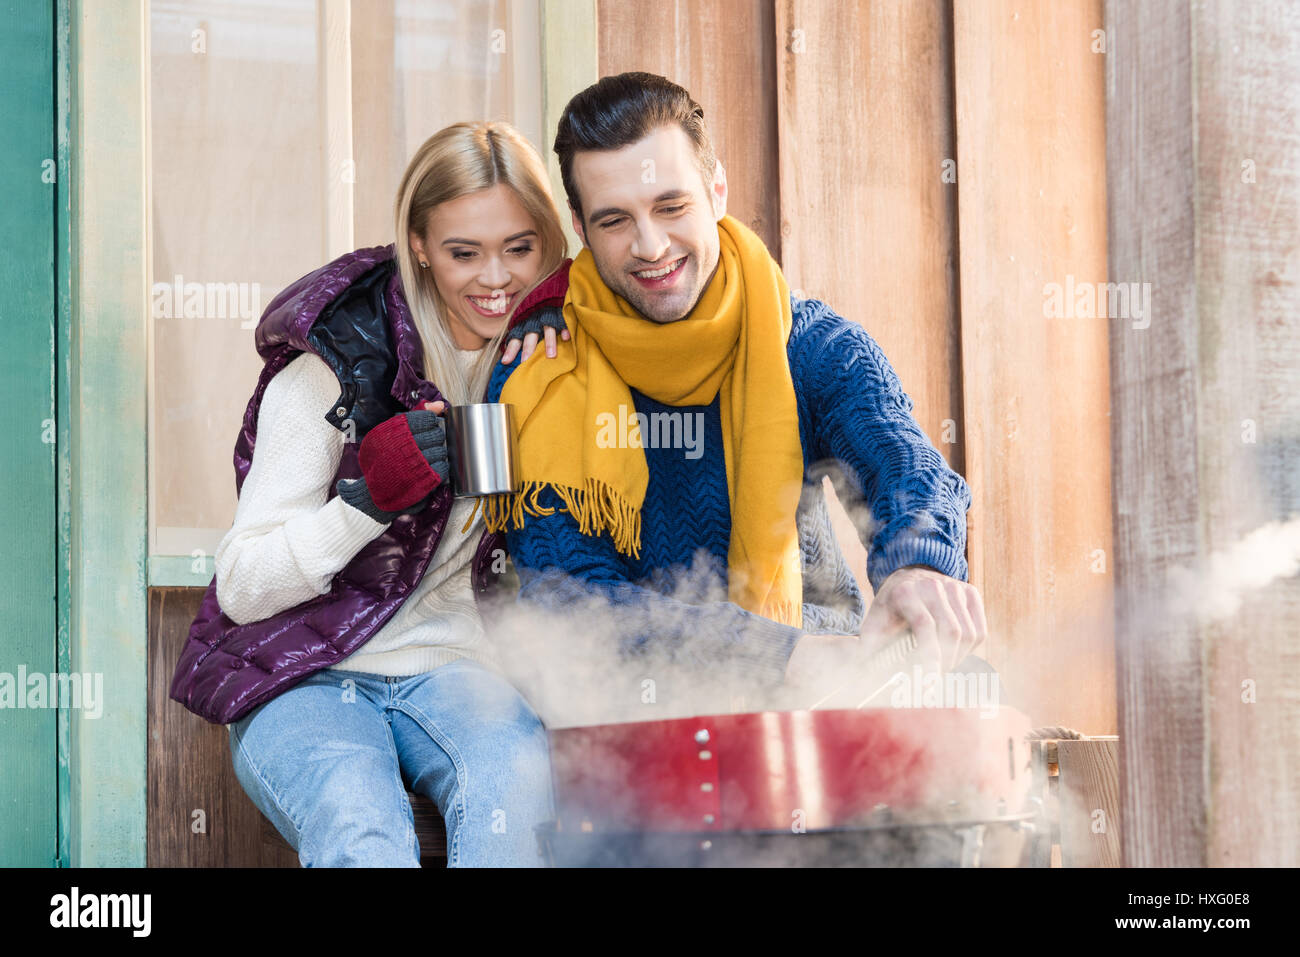 Happy young couple dans des vêtements chauds siégeant ensemble près de grill on porch Banque D'Images